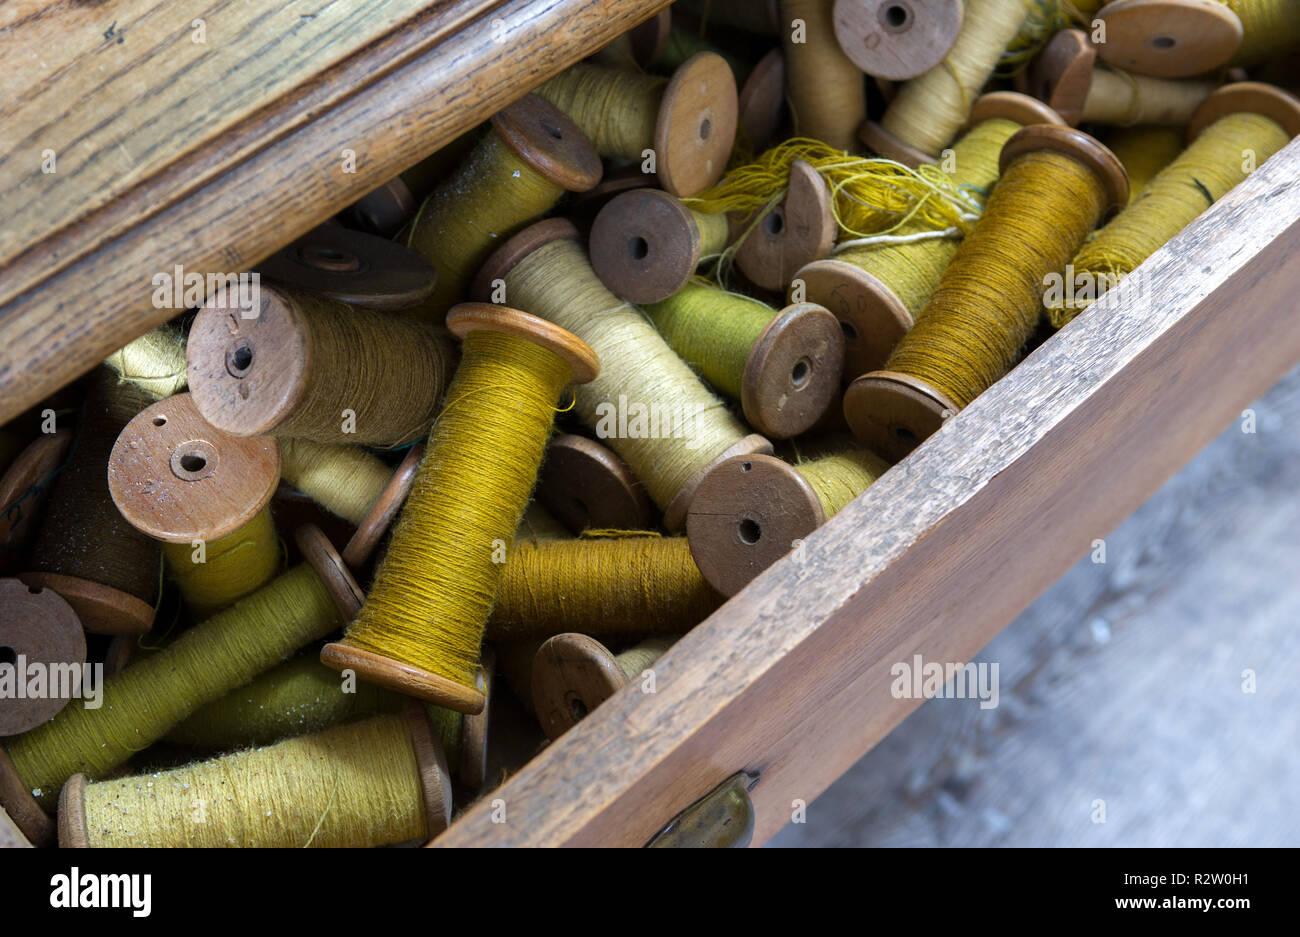 Aubusson (centro de Francia). Interior de la Royal Saint-Jean d'Aubusson Factory, que datan del siglo XV. Talleres de fabricación de tapices Imagen De Stock